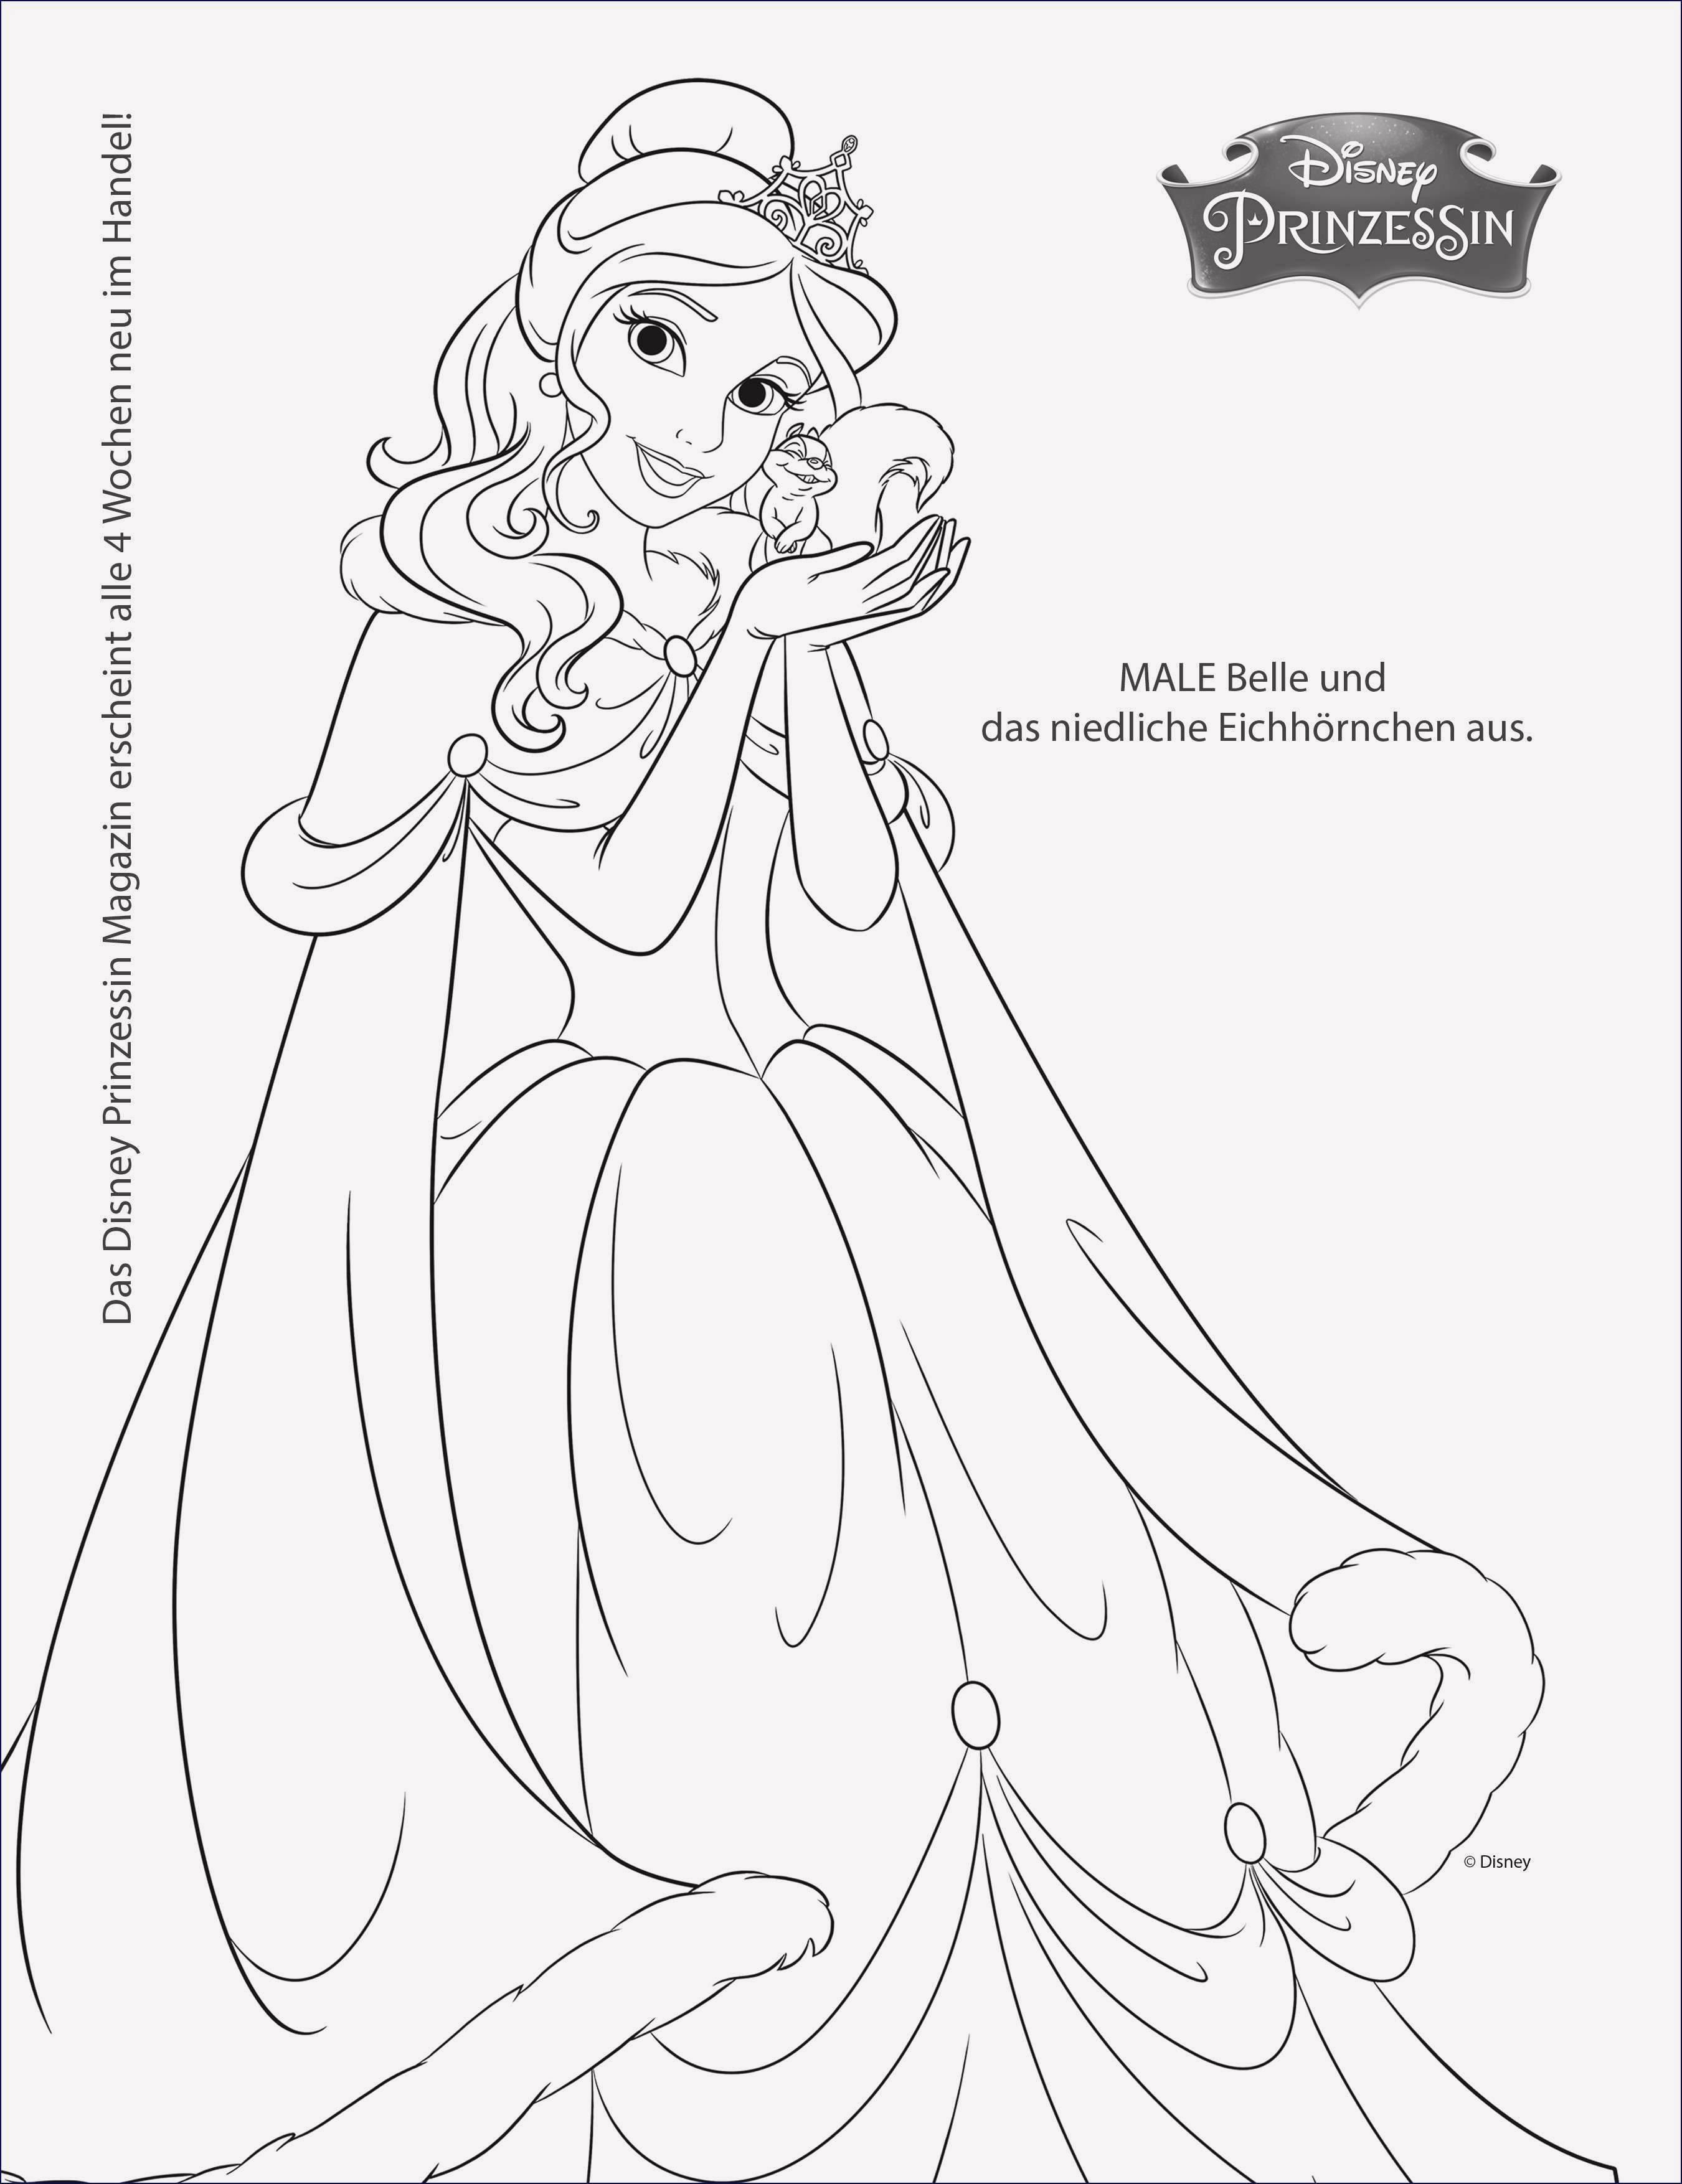 Ausmalbilder Prinzessin sofia Das Beste Von 25 Erstaunlich Malvorlage Prinzessin Prinz Stock